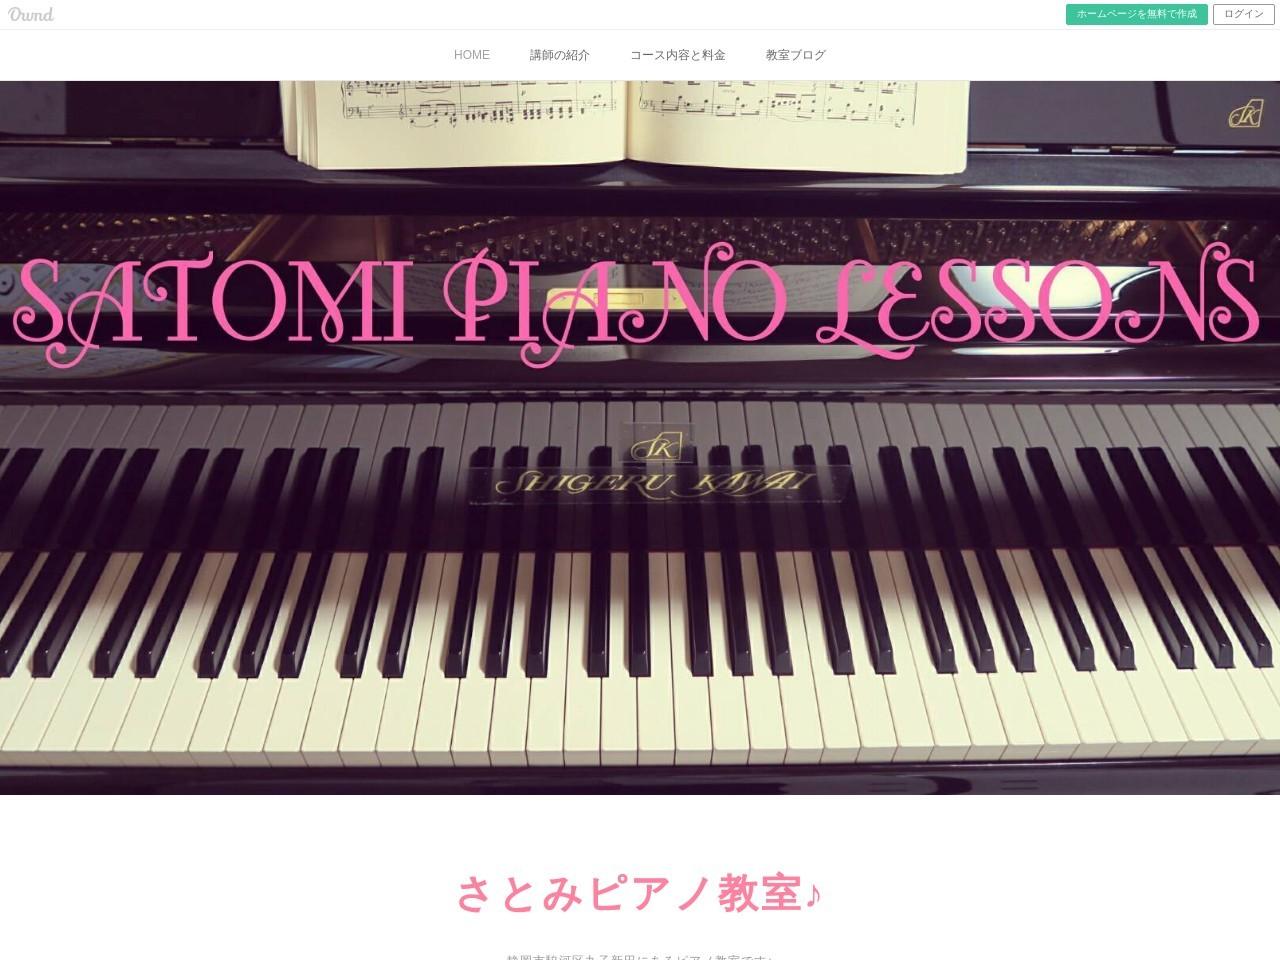 さとみピアノ教室のサムネイル